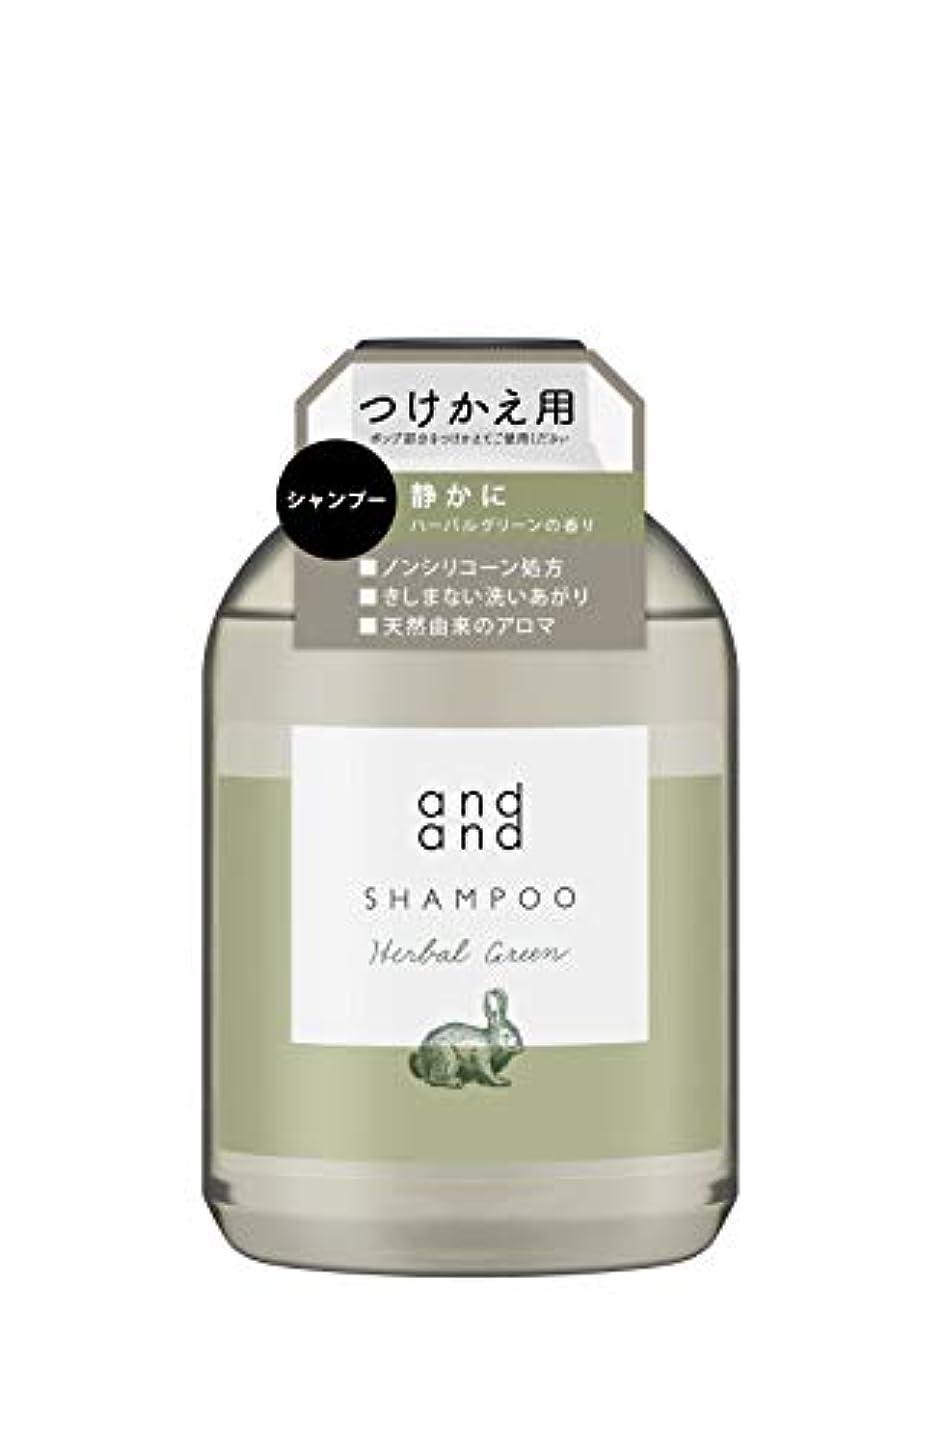 教師の日成分ホームレスandand(アンドアンド) 静かに[ノンシリコーン処方] シャンプー ハーバルグリーンの香り 480ml